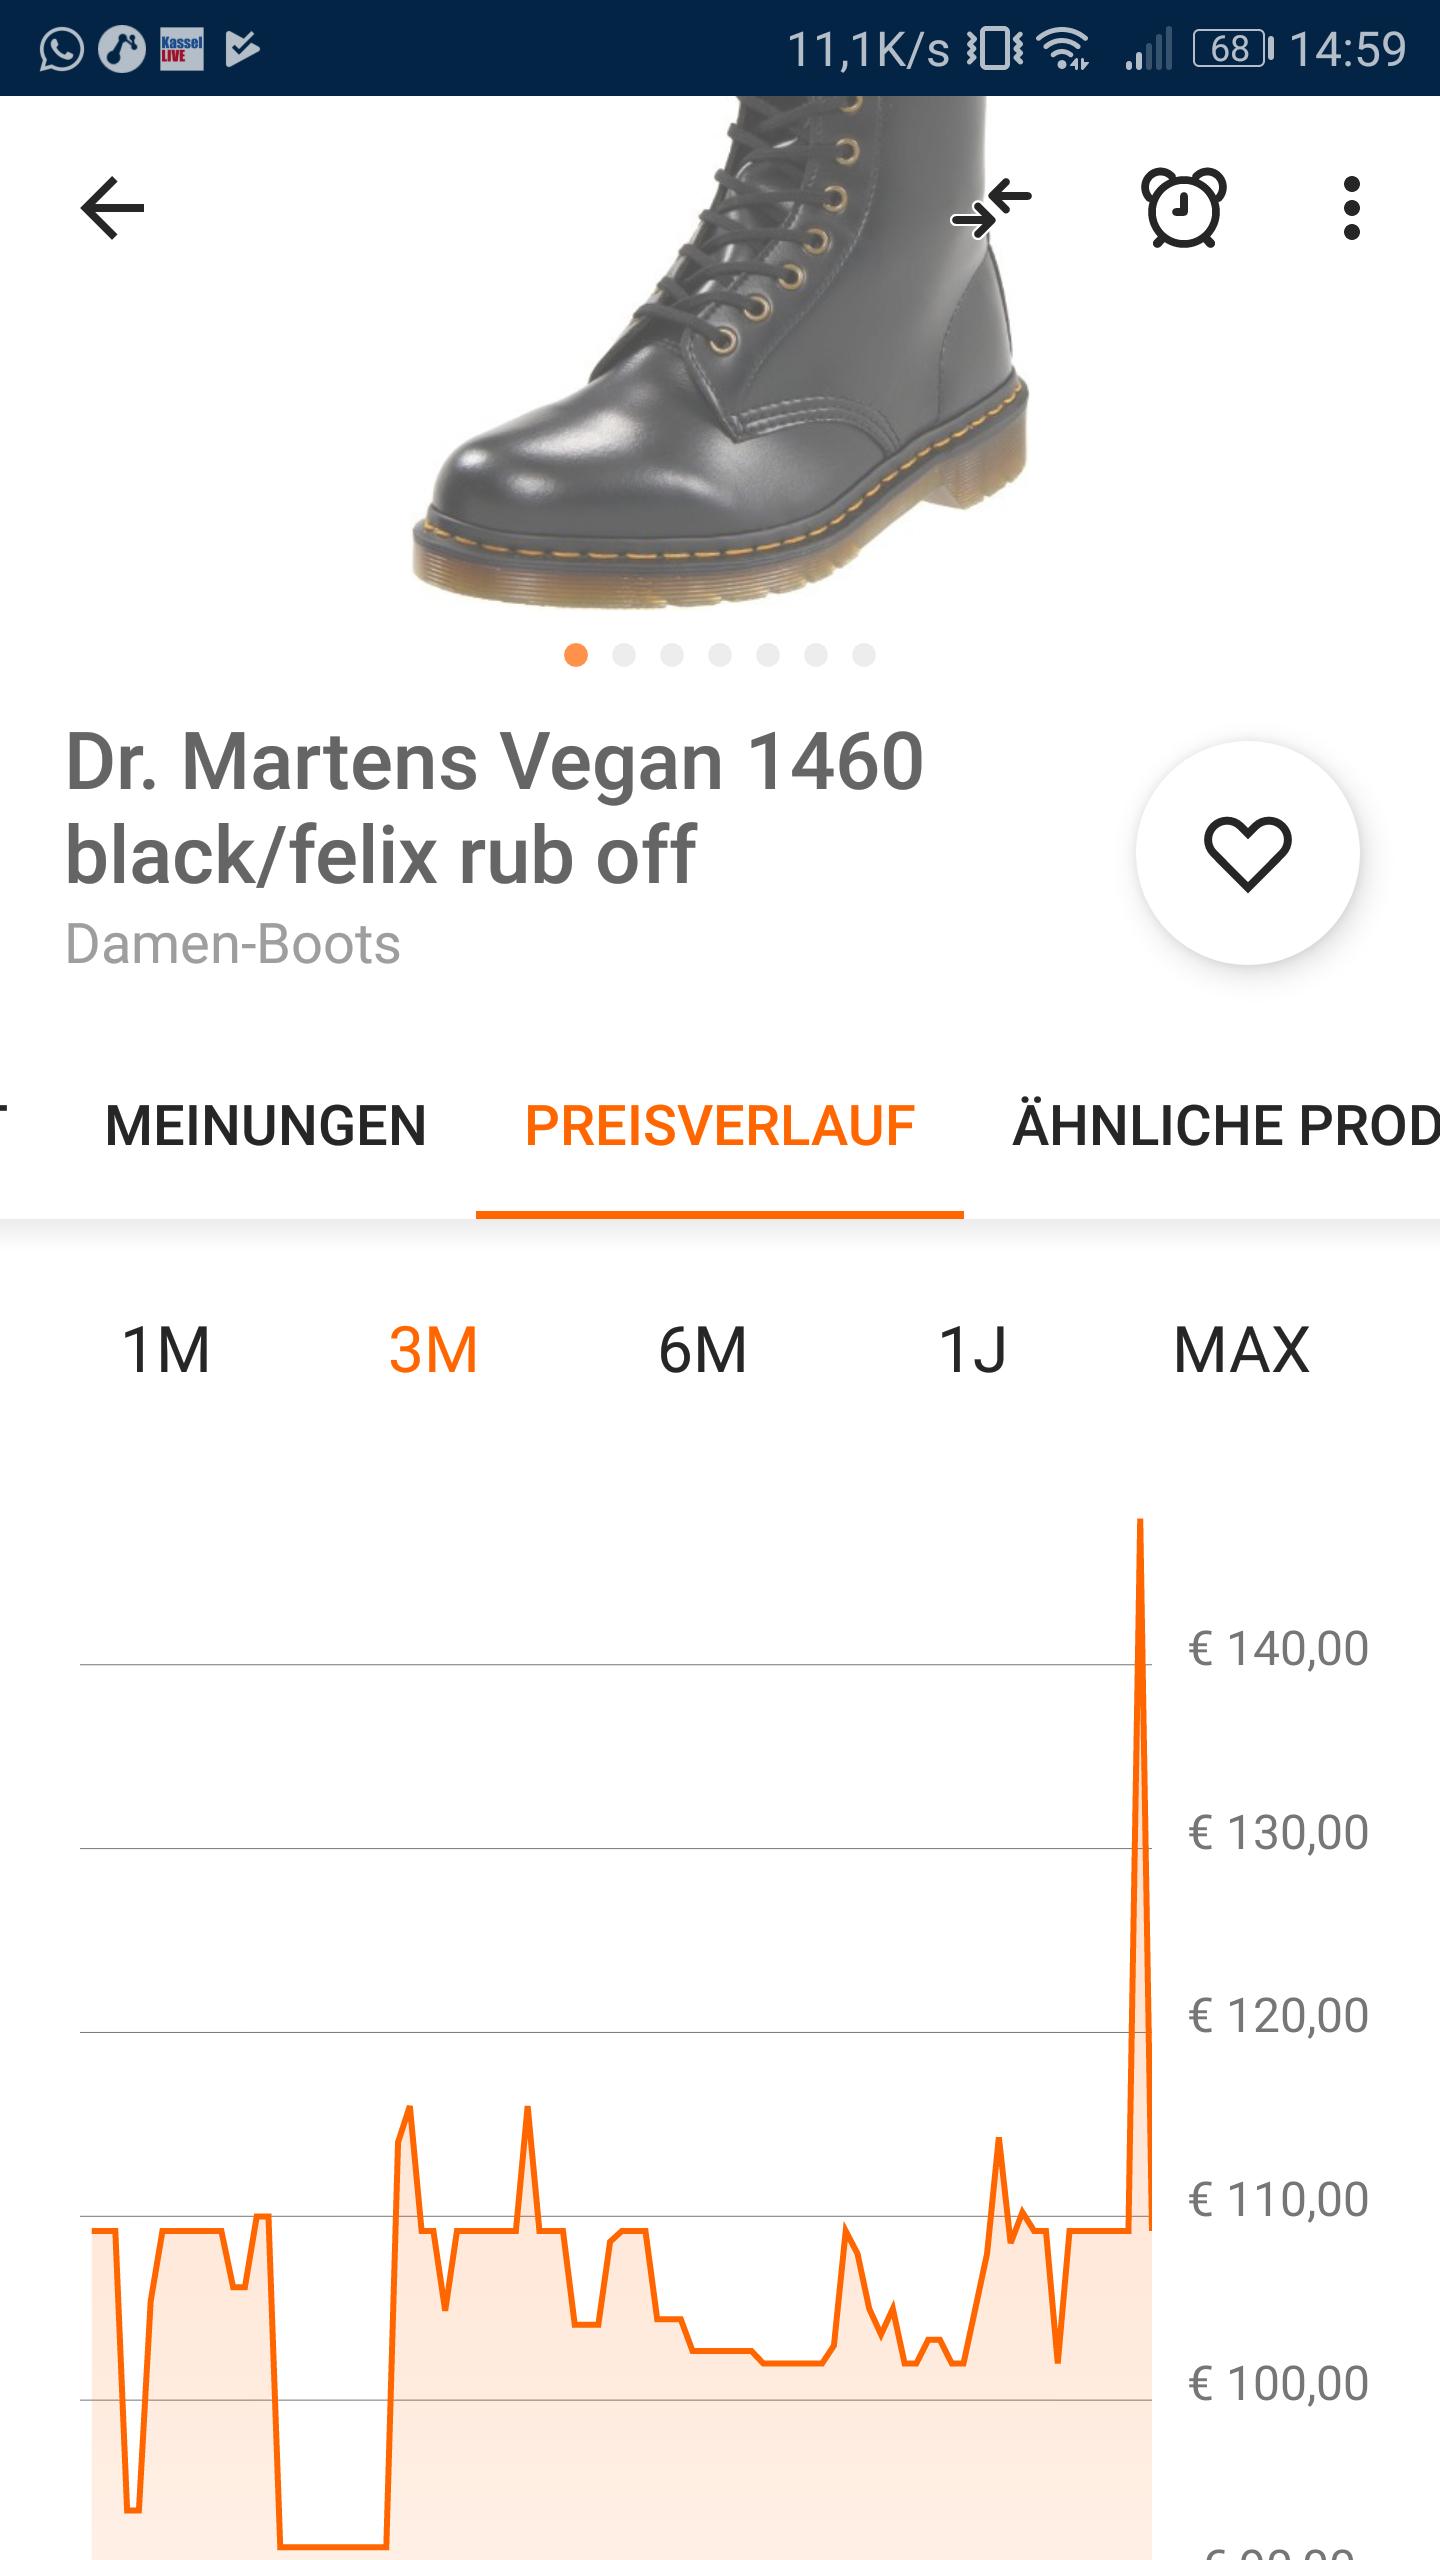 Doc Martens 1460 Schuhe, vegan, laktosefrei, glutenfrei, in 43